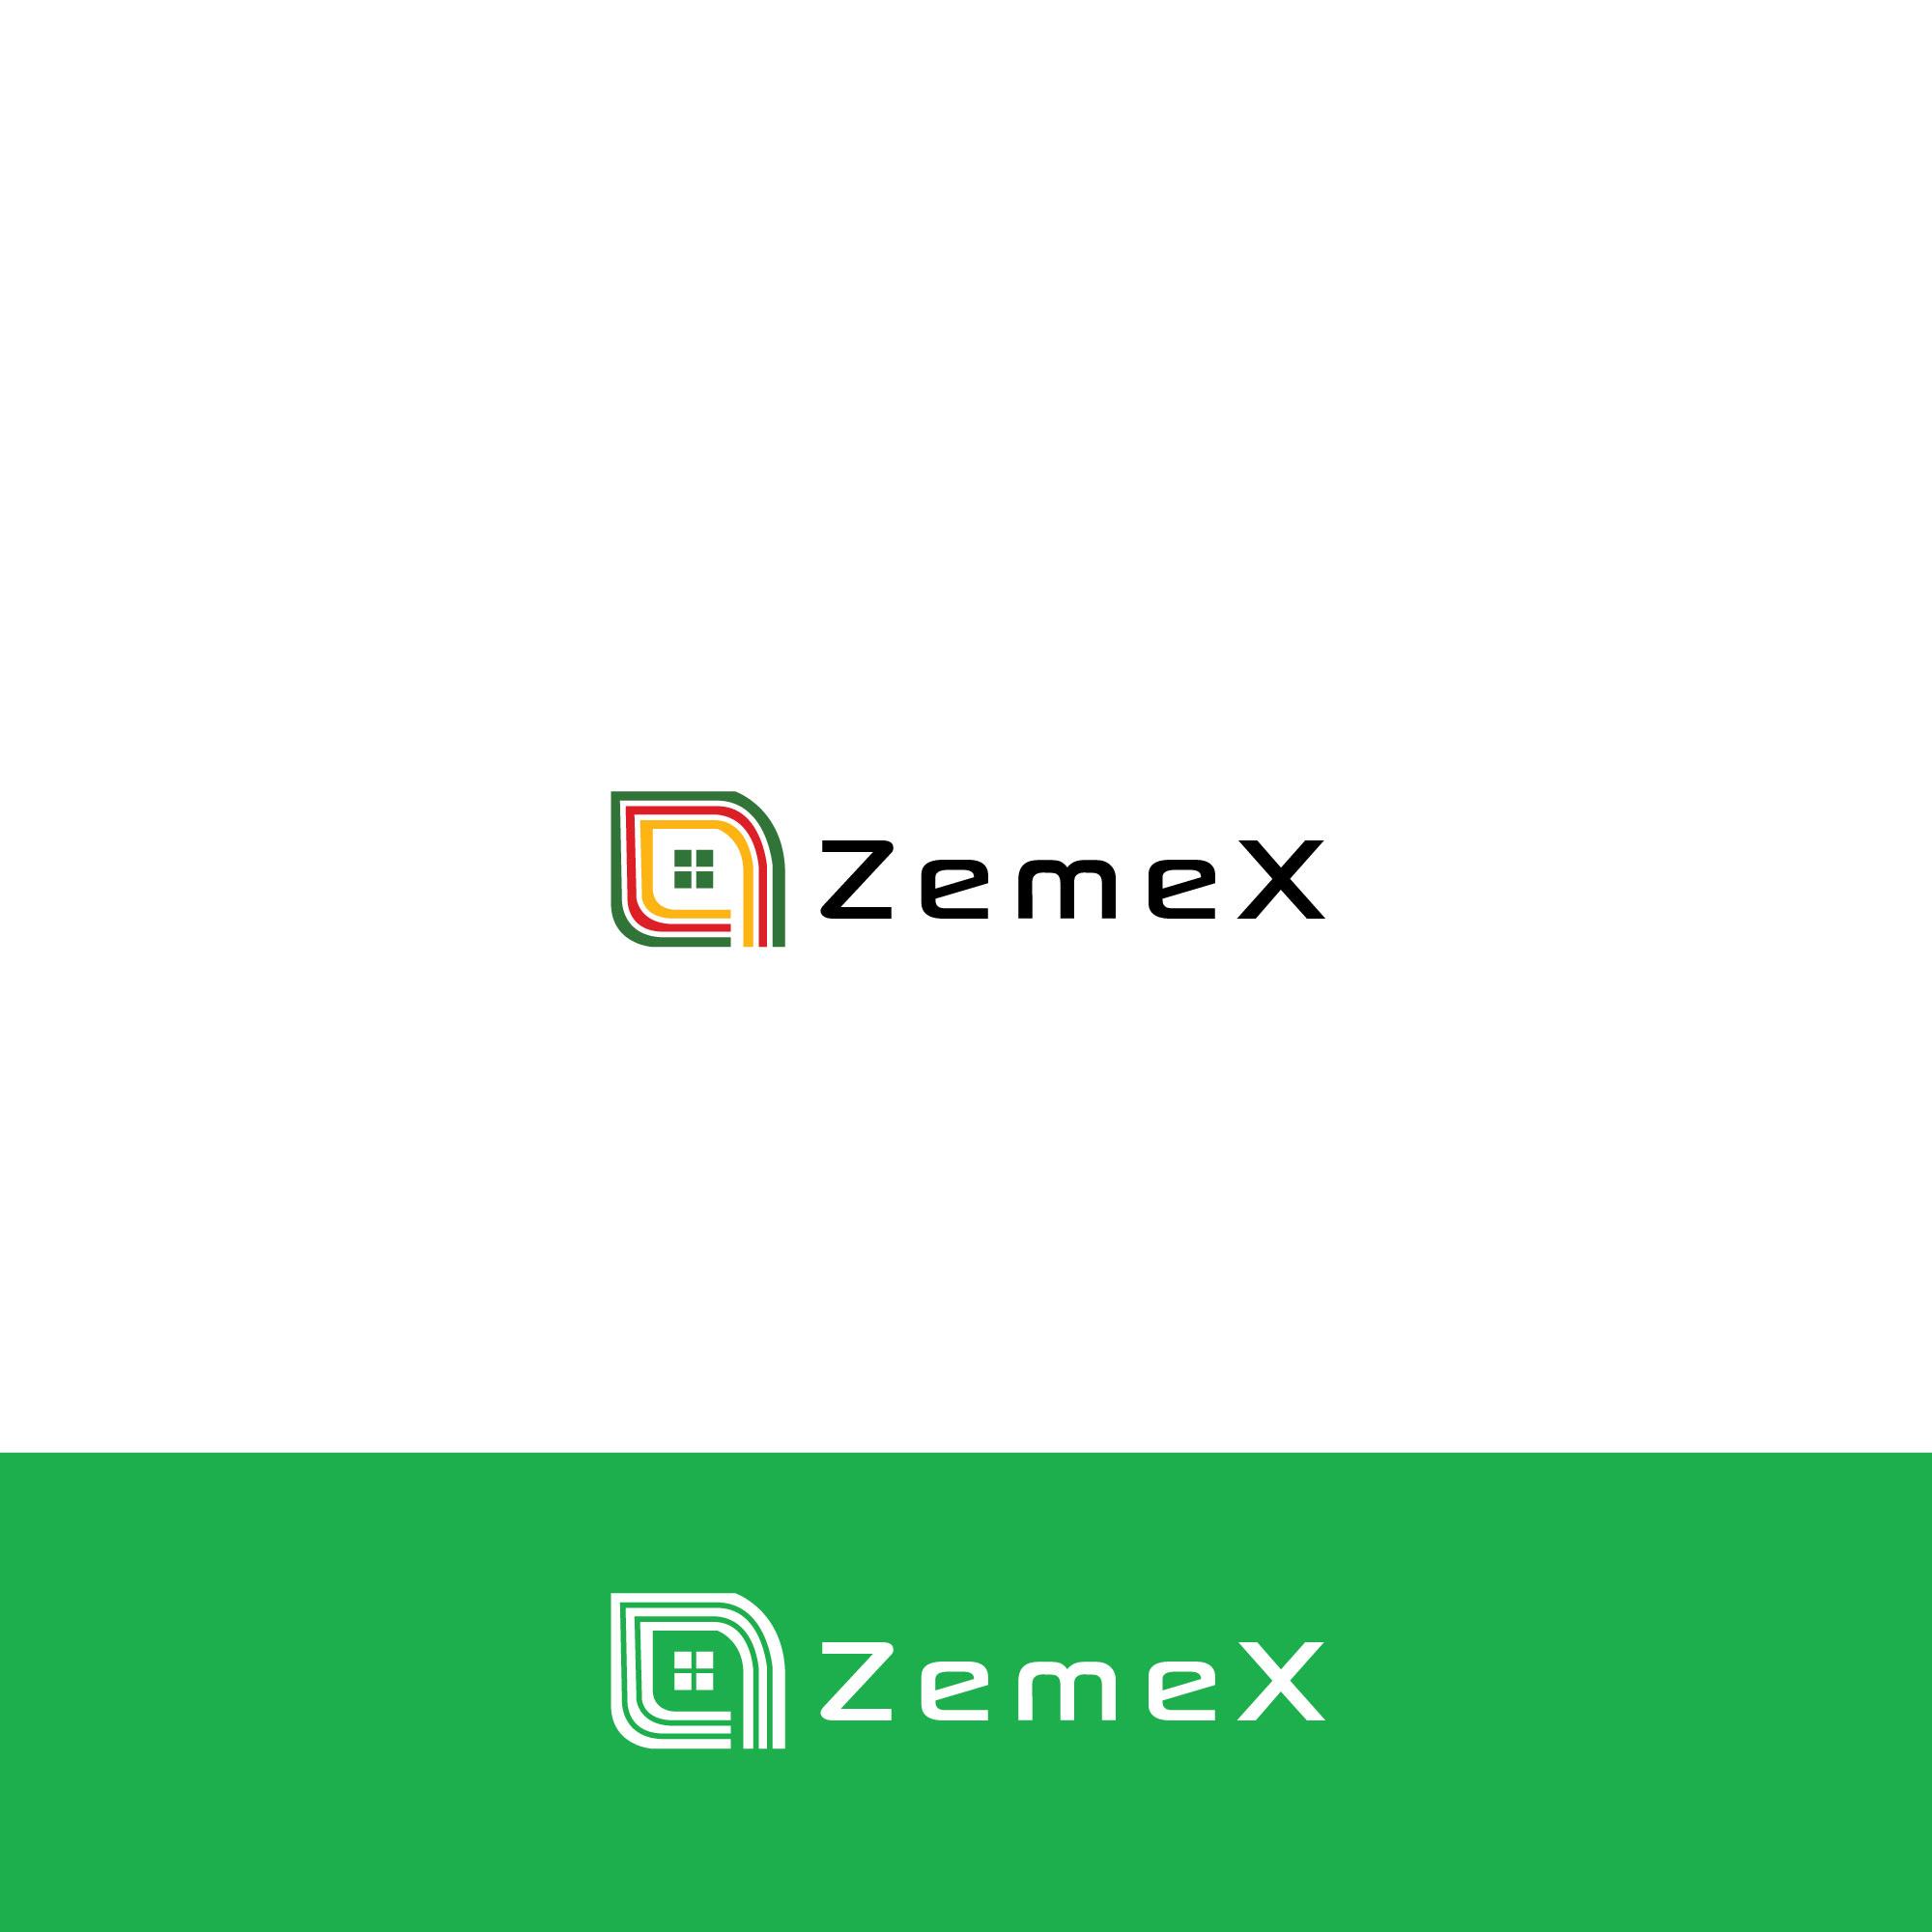 Создание логотипа и фирменного стиля фото f_98859e4be21264b5.jpg